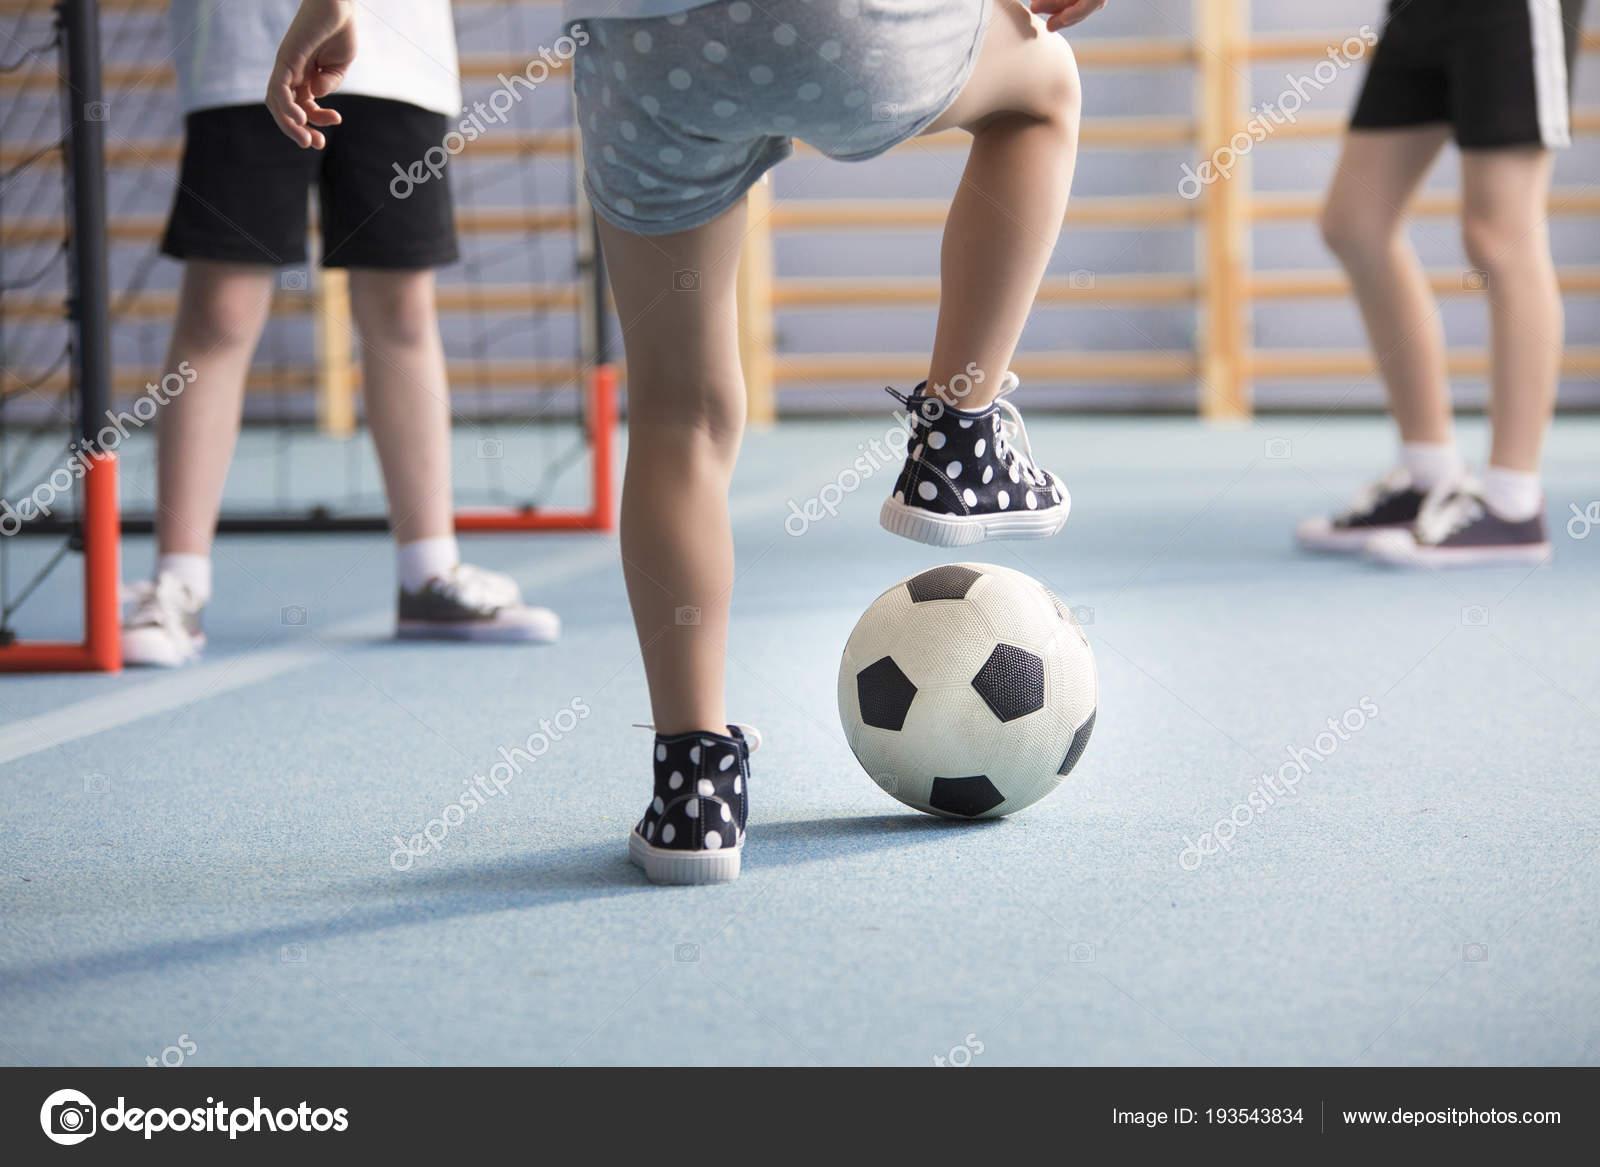 adbe809e9e1 Detail Nohy Chlapecké Tenisky Nosit Při Hraní Fotbalu Hřišti — Stock  fotografie